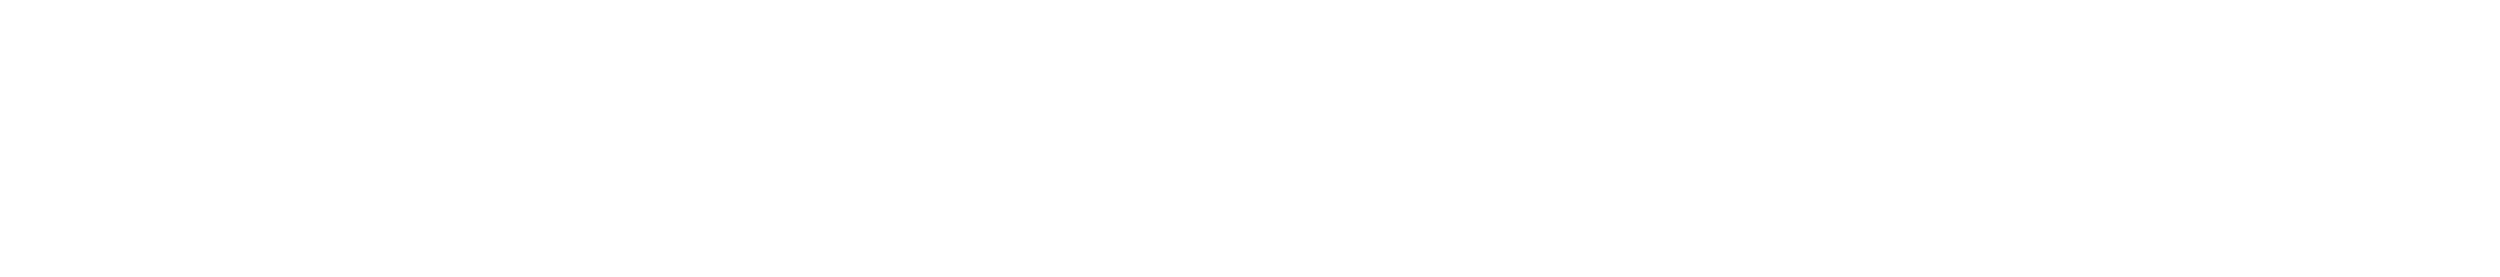 Lovechild-banner_stroke-9.png